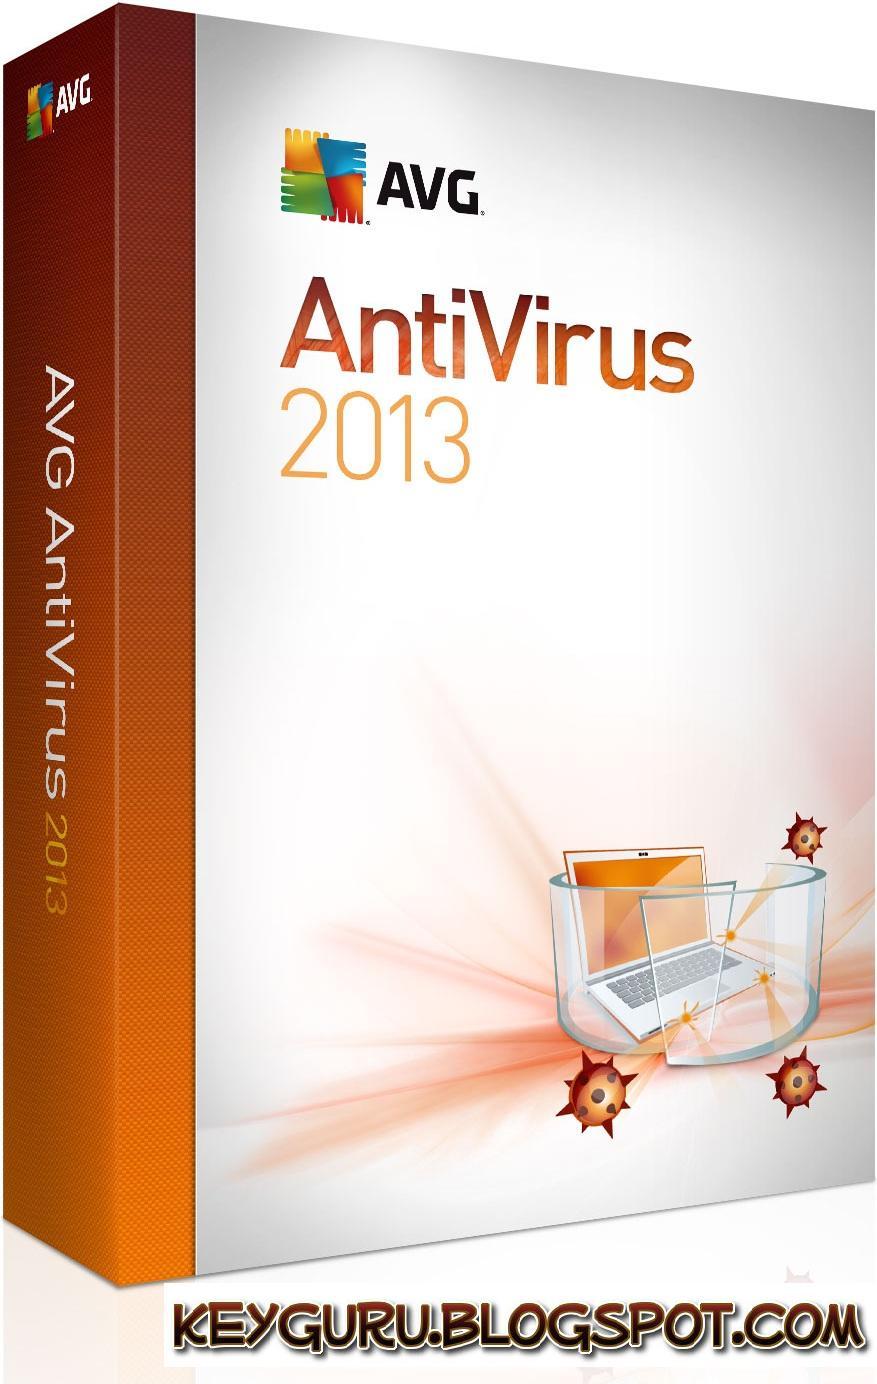 avg antivirus full crack download